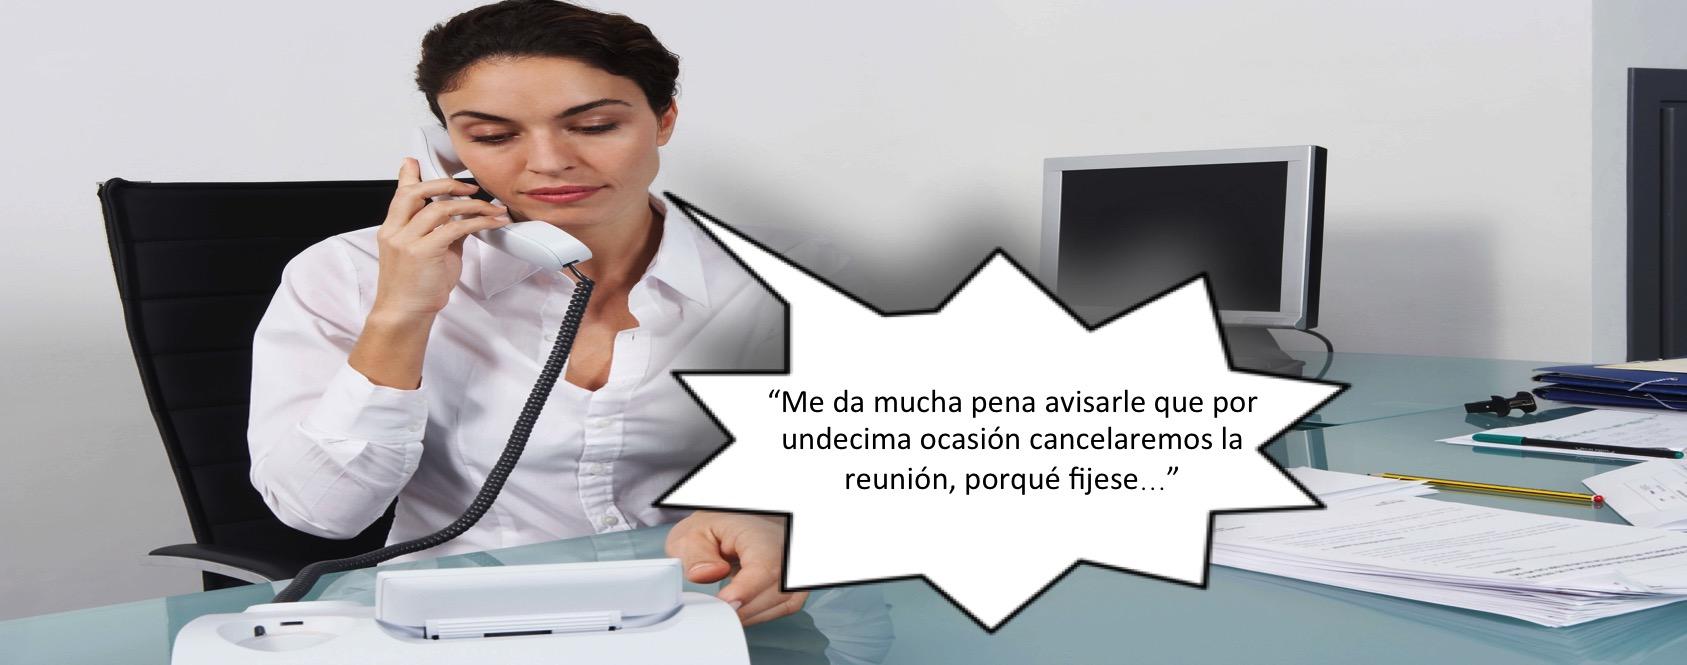 Tapadera, filtro, asistente o secretaria – Dr. santiago Beorlegui C.